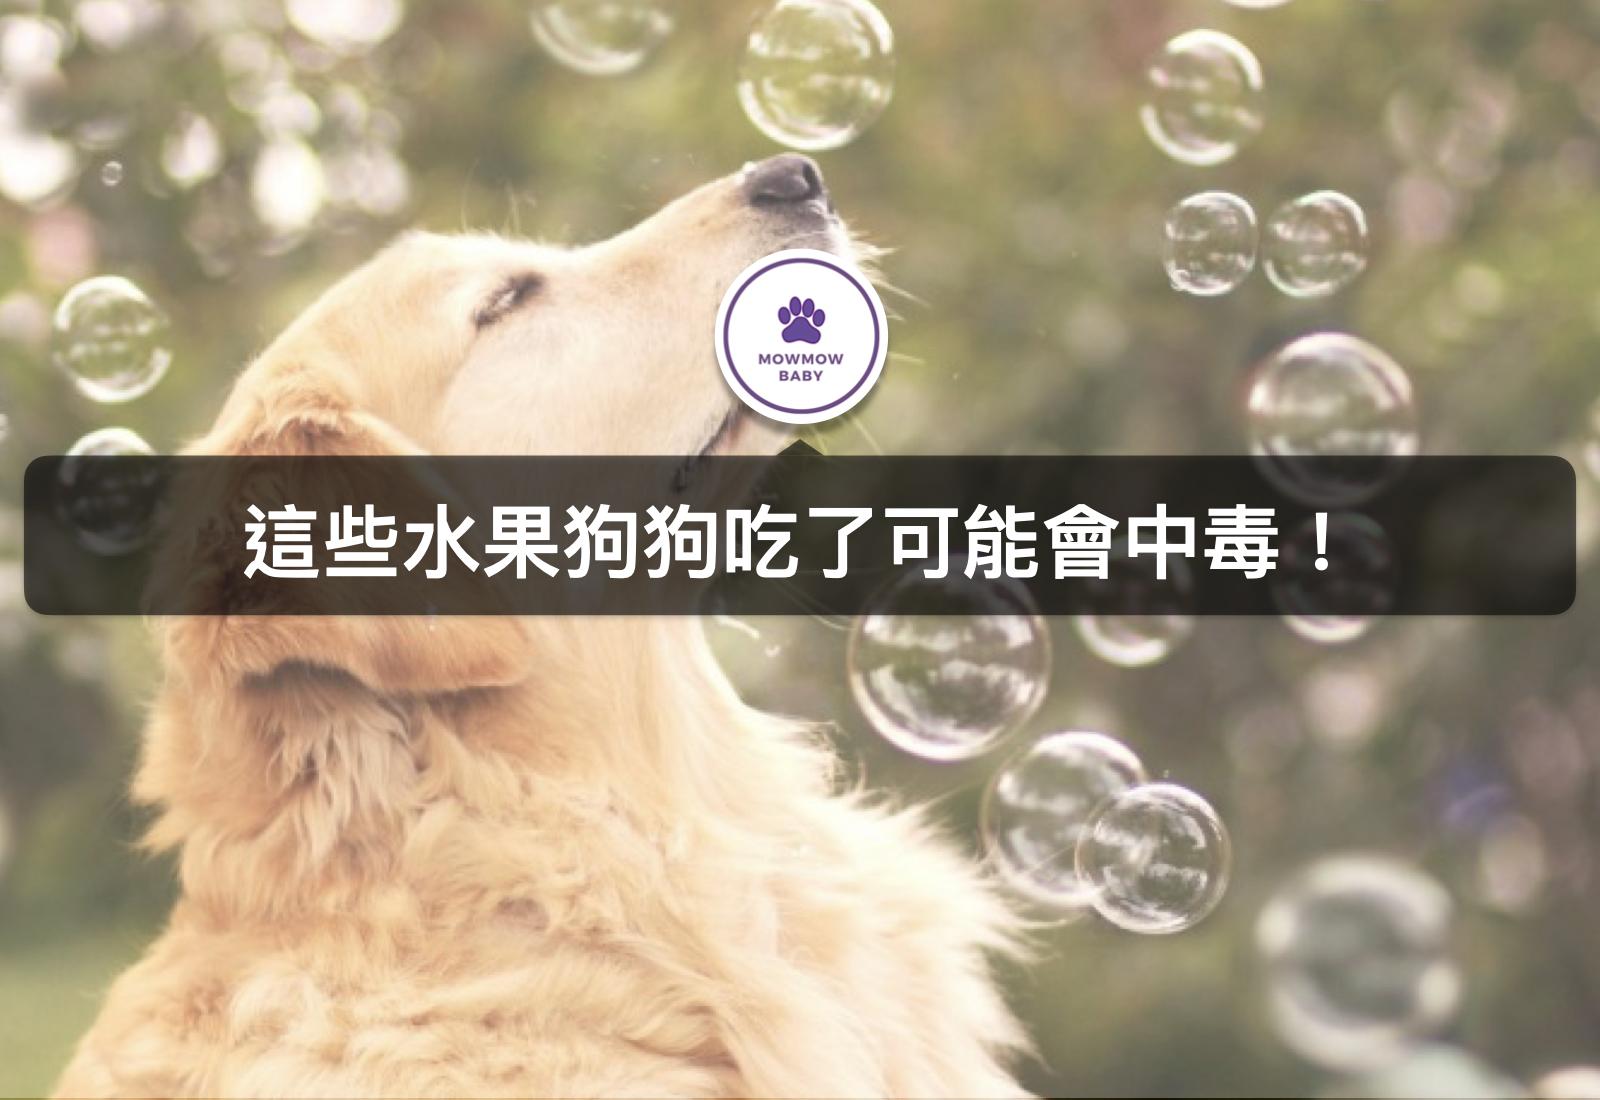 狗狗不能吃這3種水果,寵物吃了可能會中毒的食物!